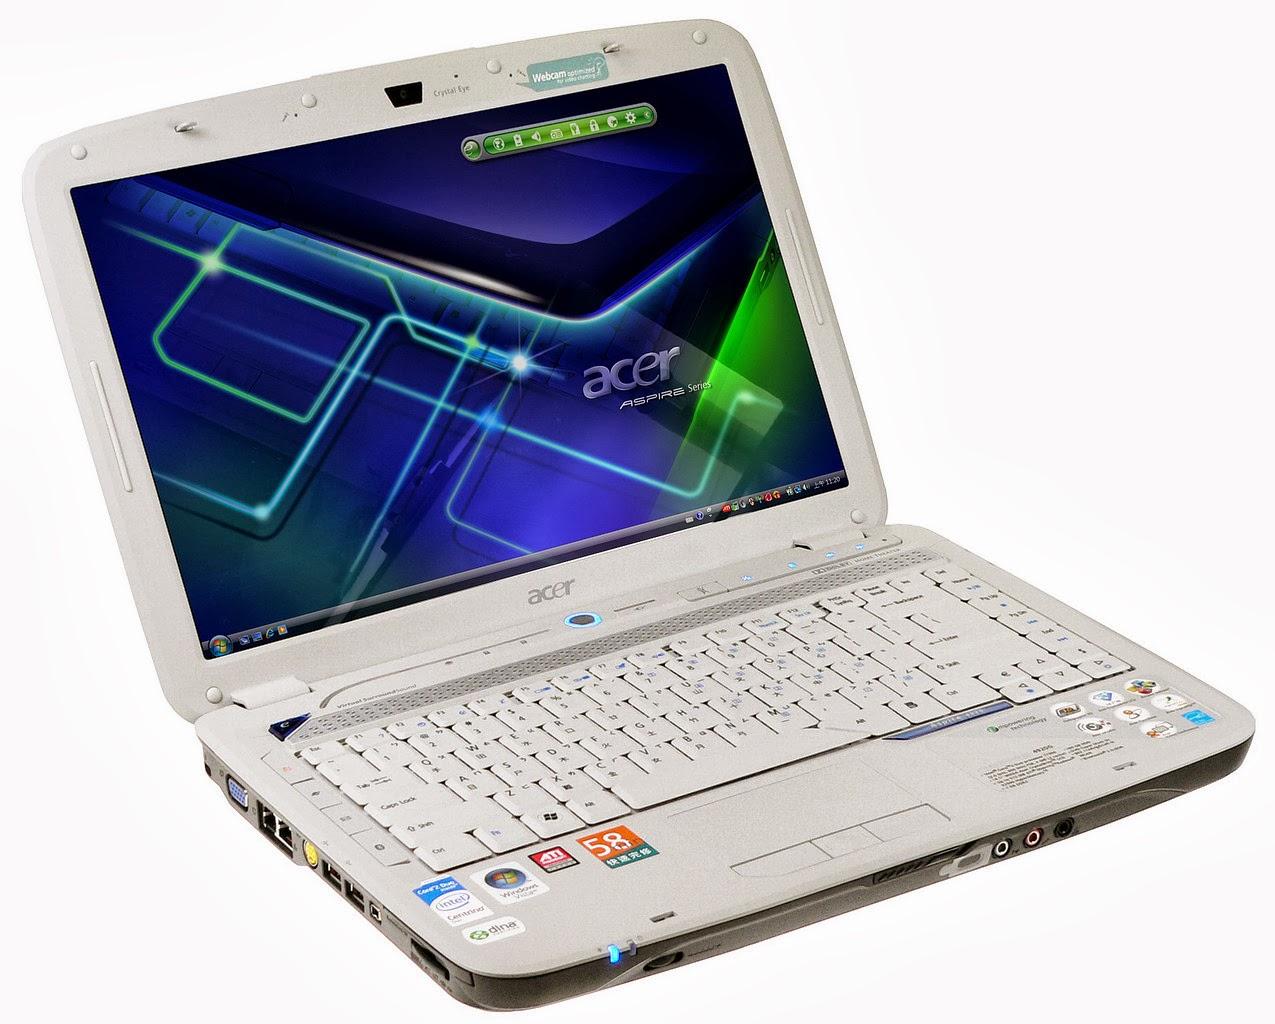 Daftar Harga Tablet Pc Terbaru Oktober 2012 Info Harga Dan